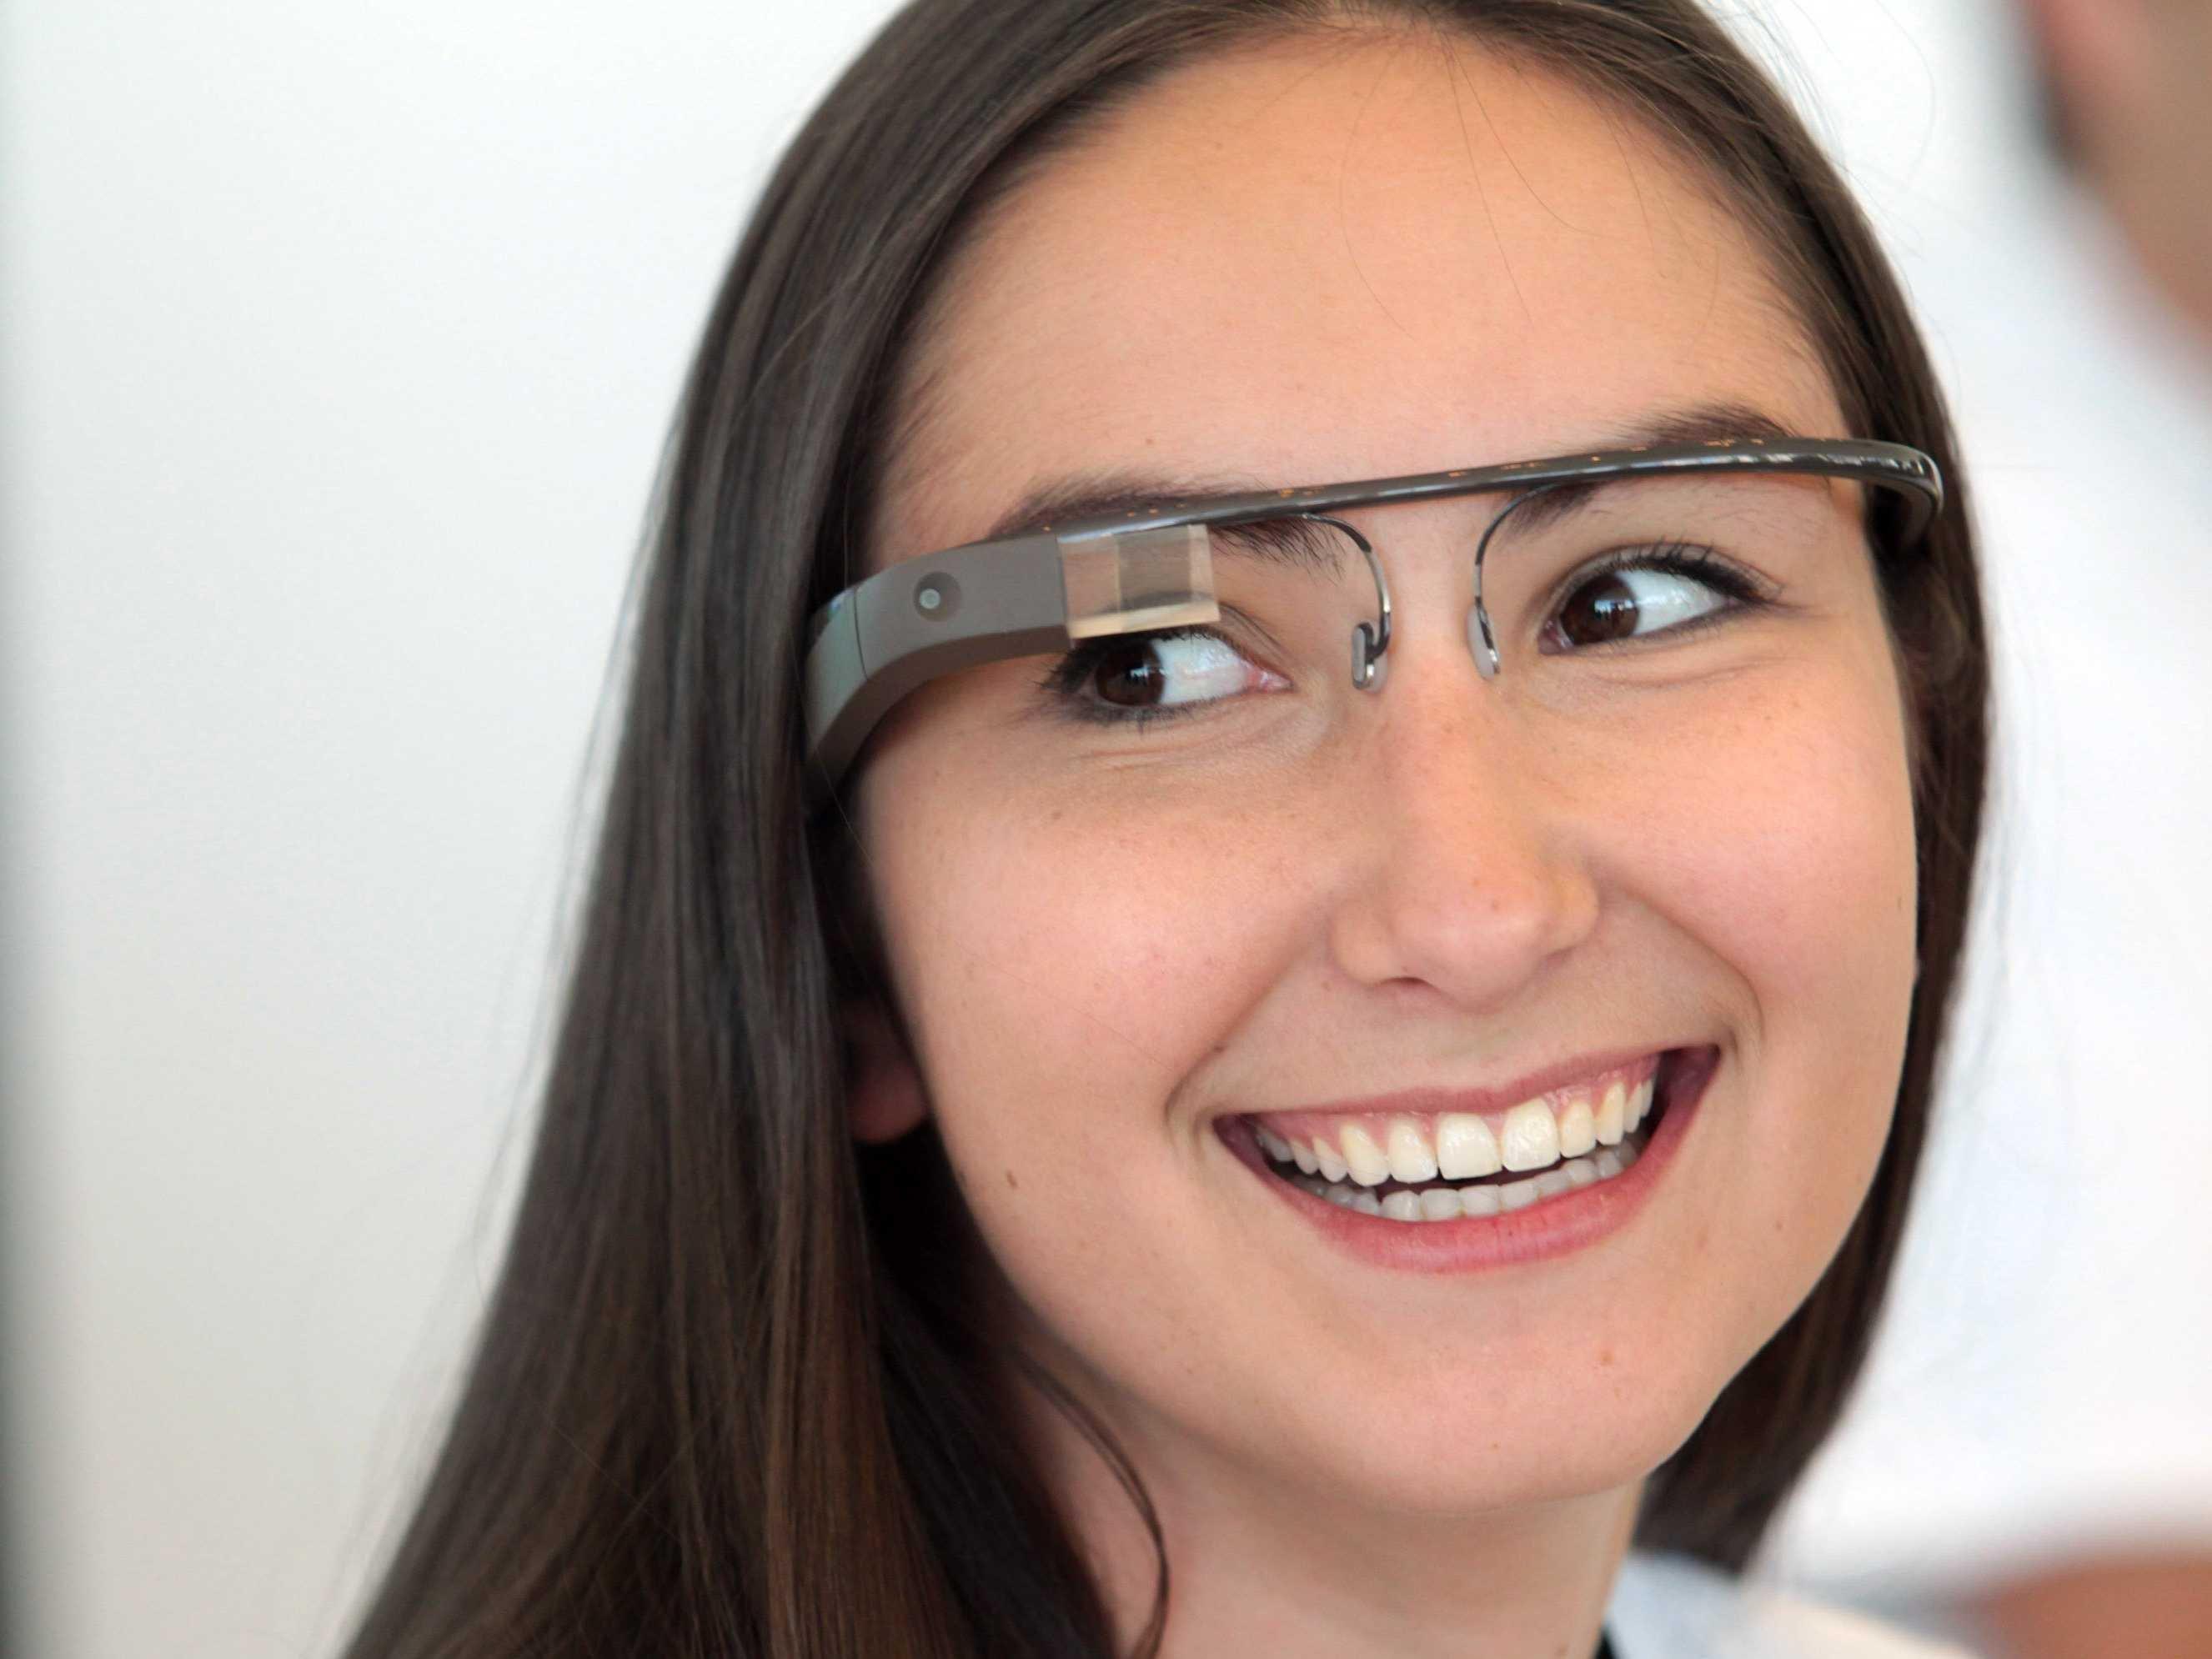 Druga generacija očal Google Glass naj bi bila nared za prodajo že v prvi polovici leta!